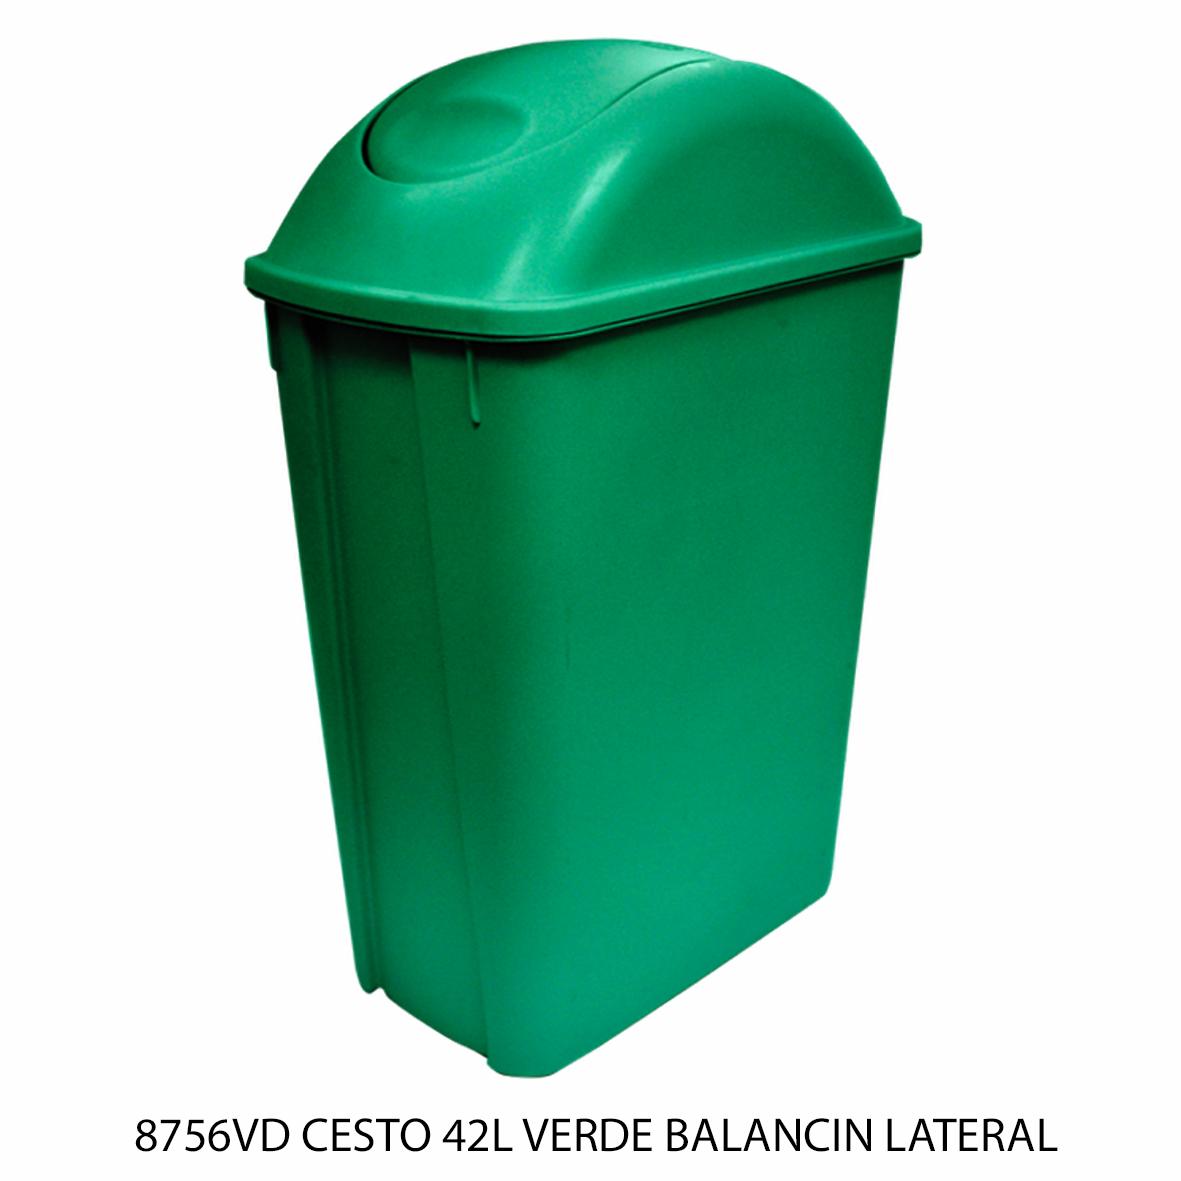 Bote de basura mediano de 42 litros con balancín lateral color verde modelo 8756VD de Sablón